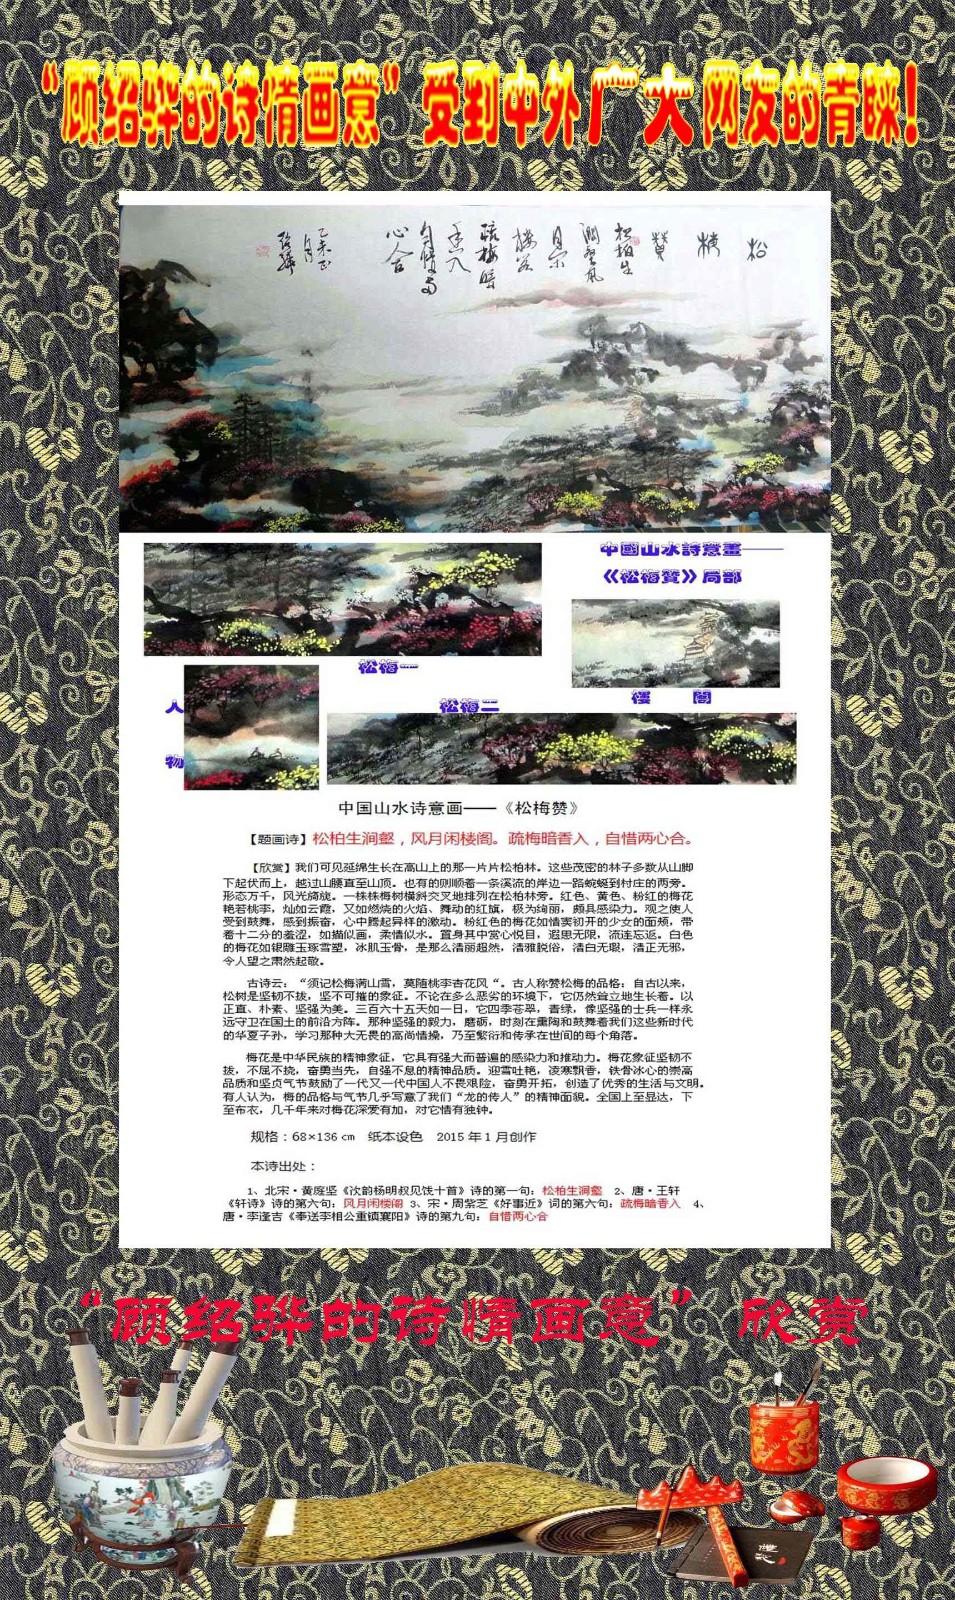 顾绍骅在中国画方面作出的一点贡献_图1-29